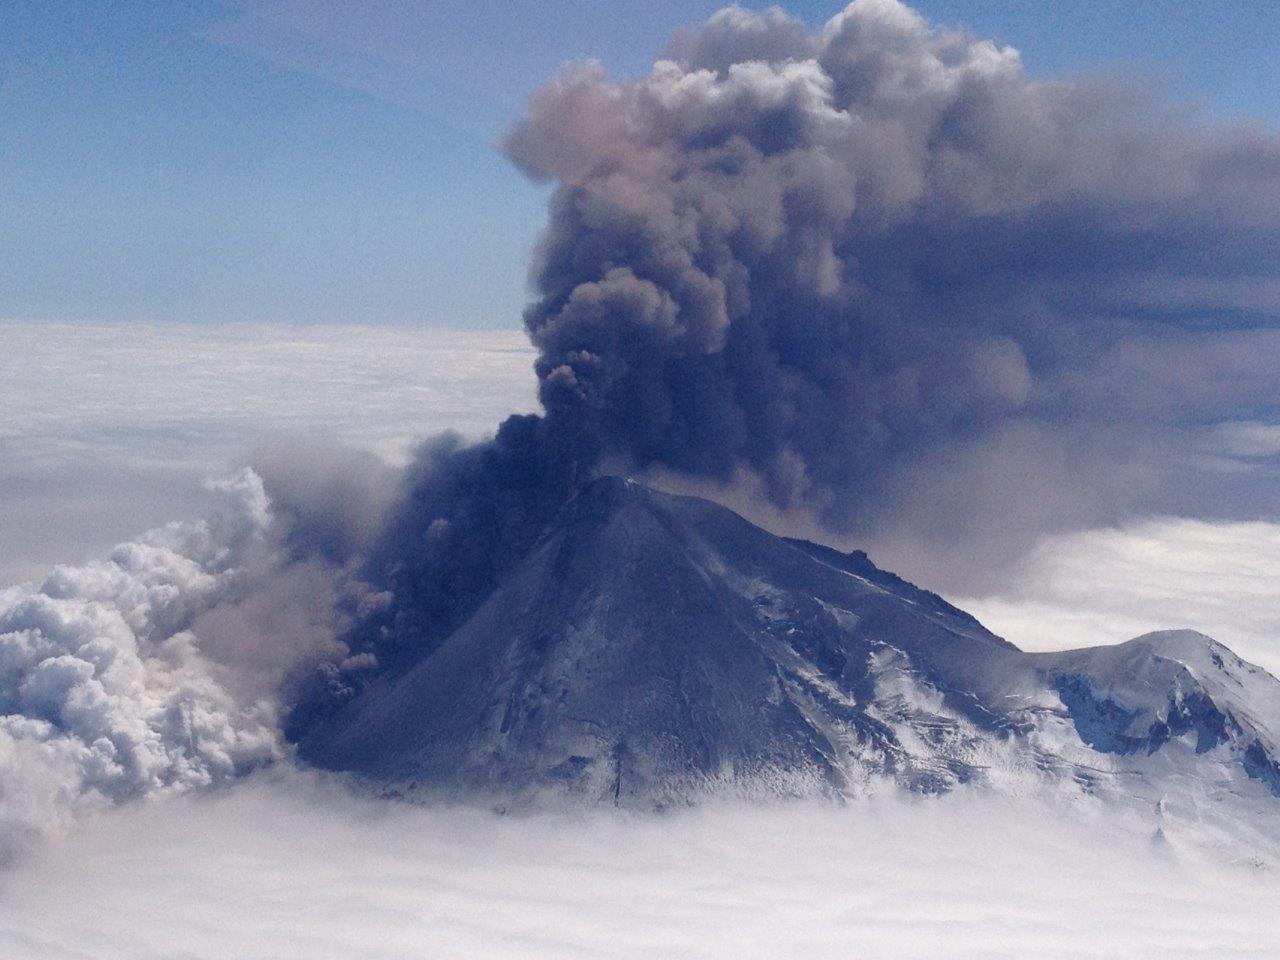 Volcanoes Go Quiet Just Before They Erupt